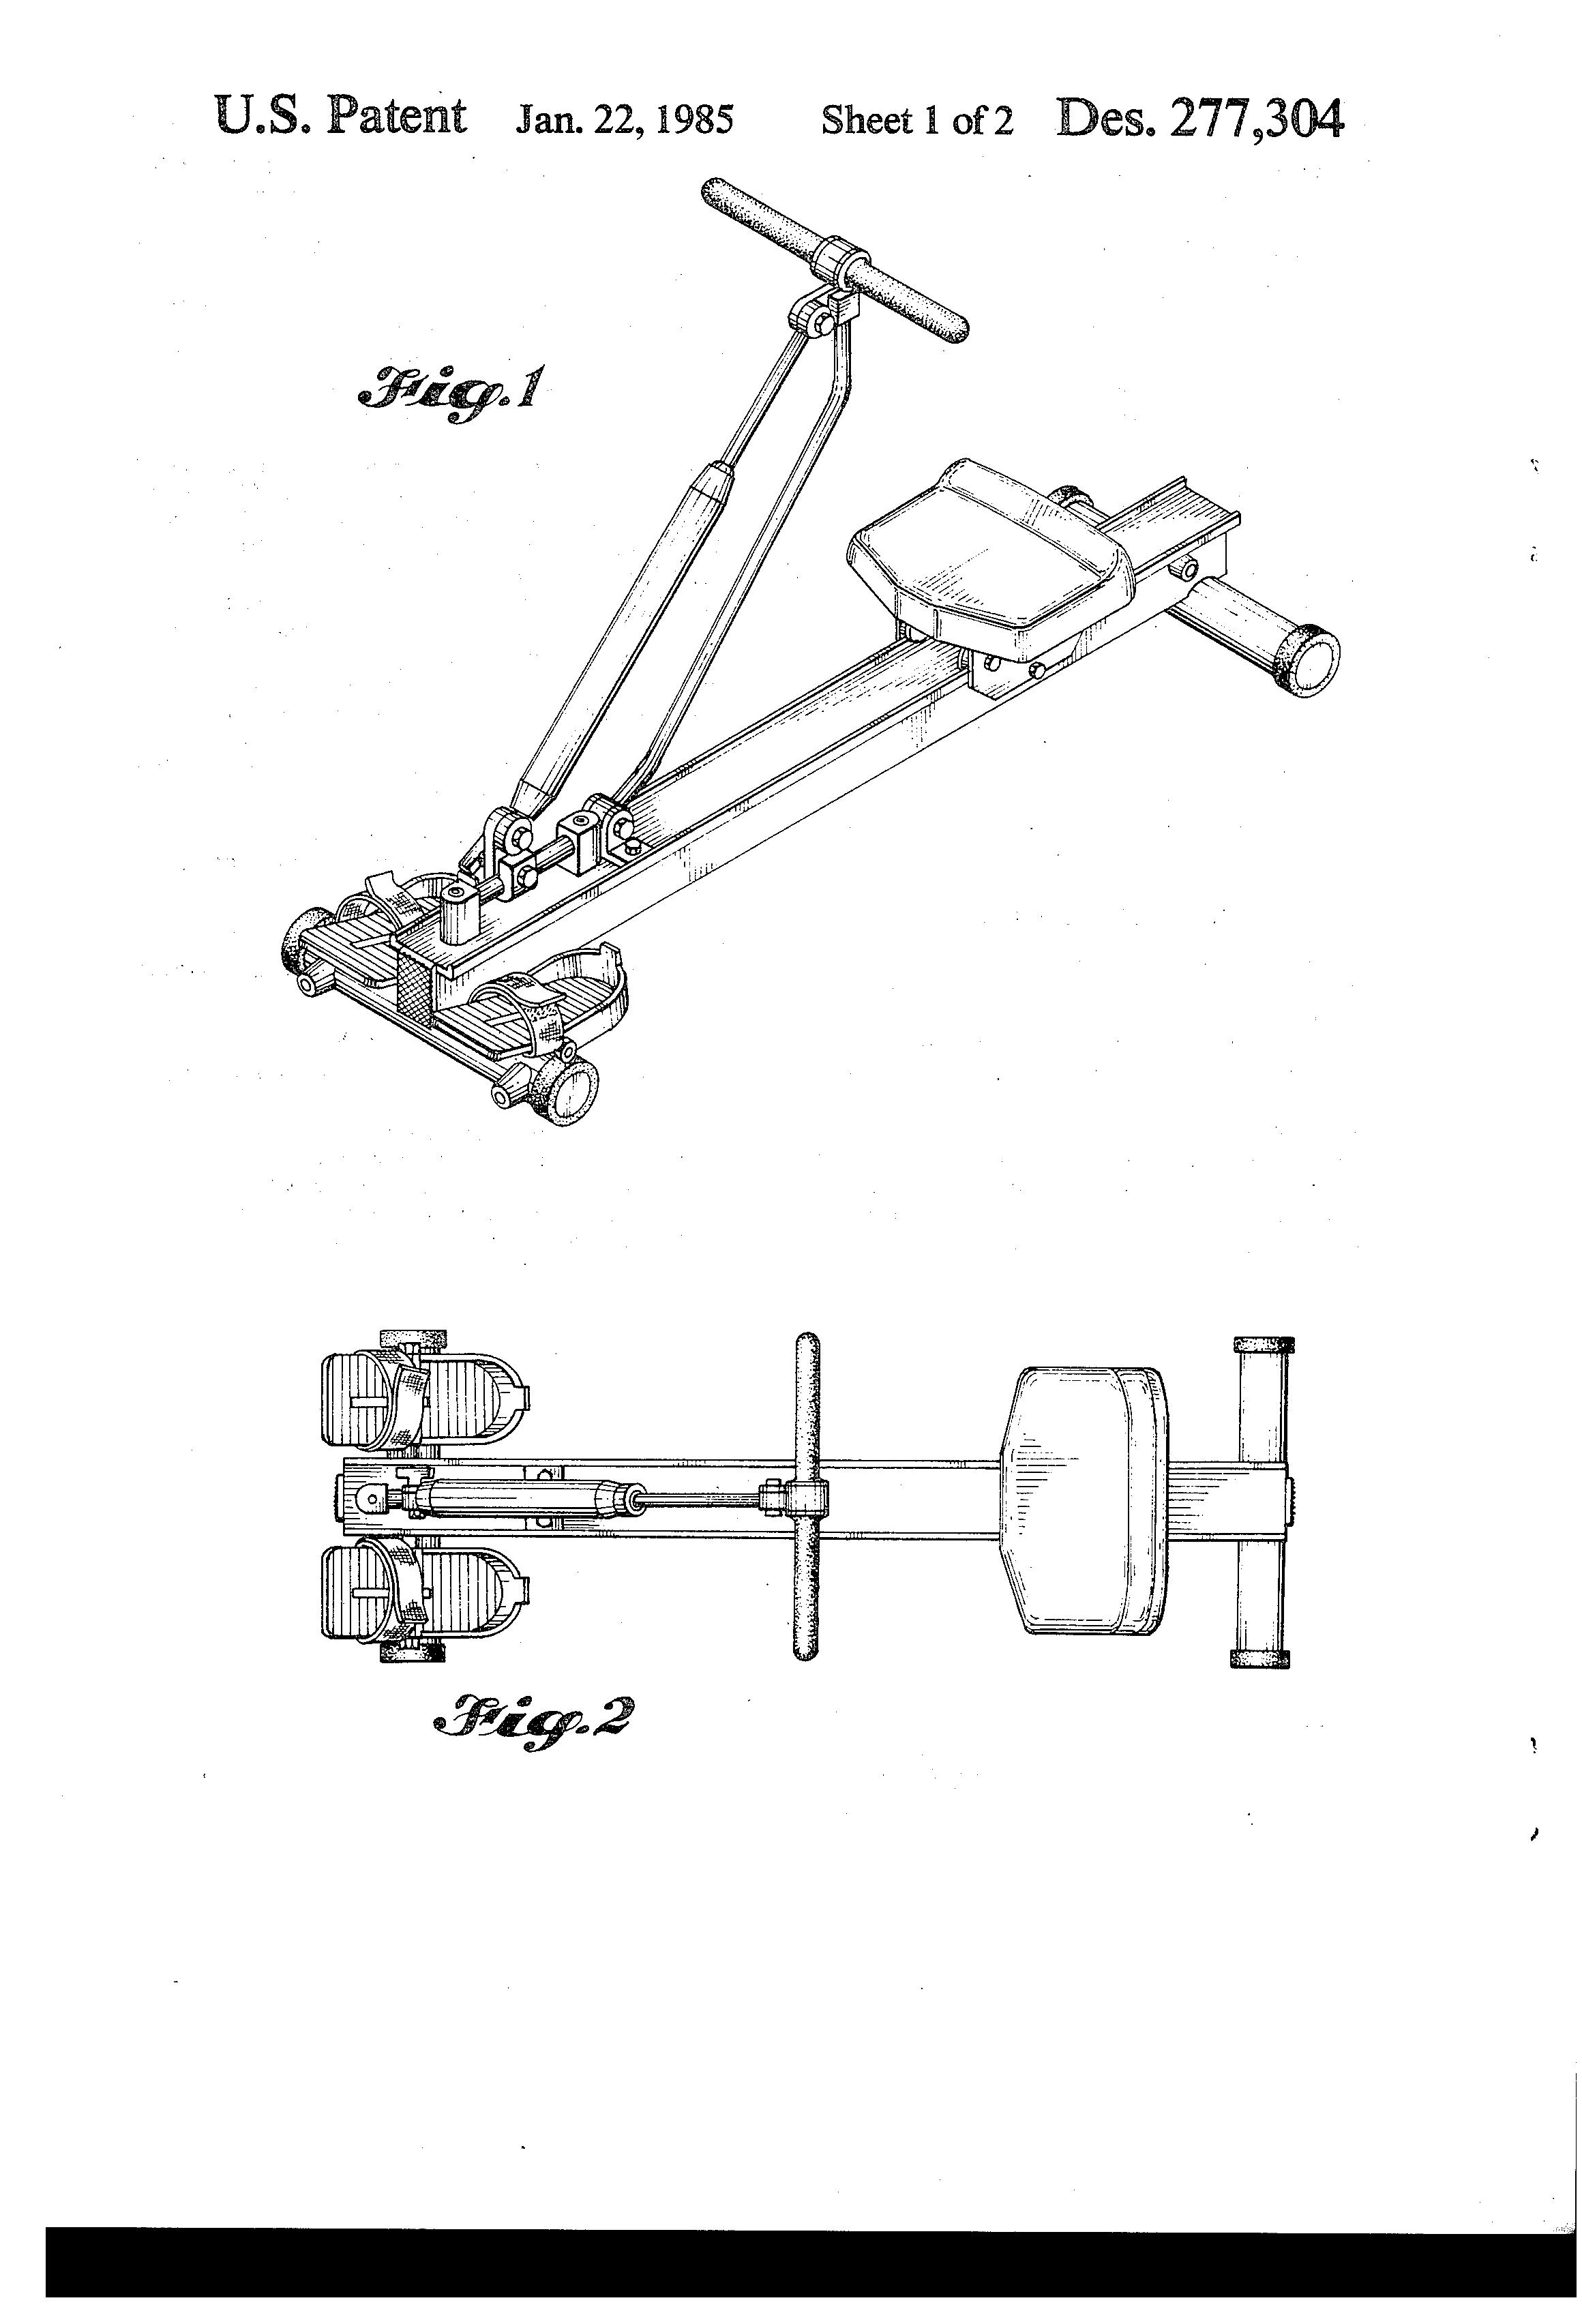 Search korean patents